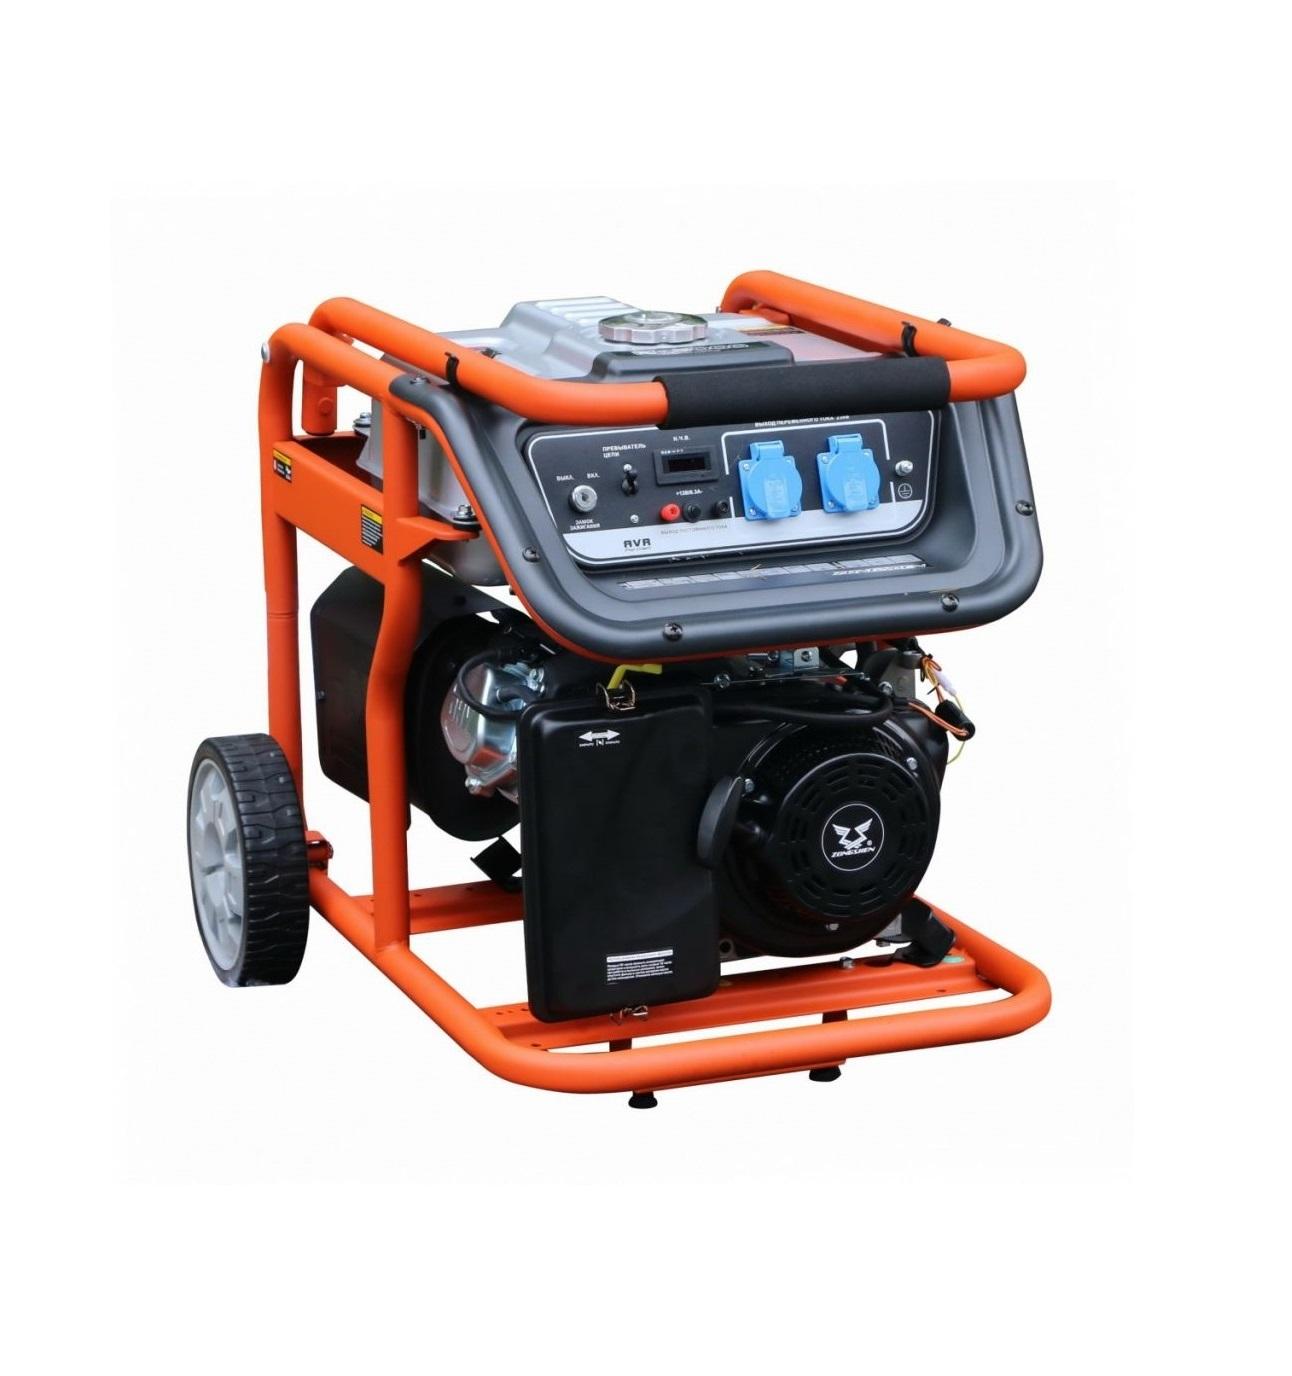 Бензиновый генератор (Бензогенератор) Zongshen KB 3300 E